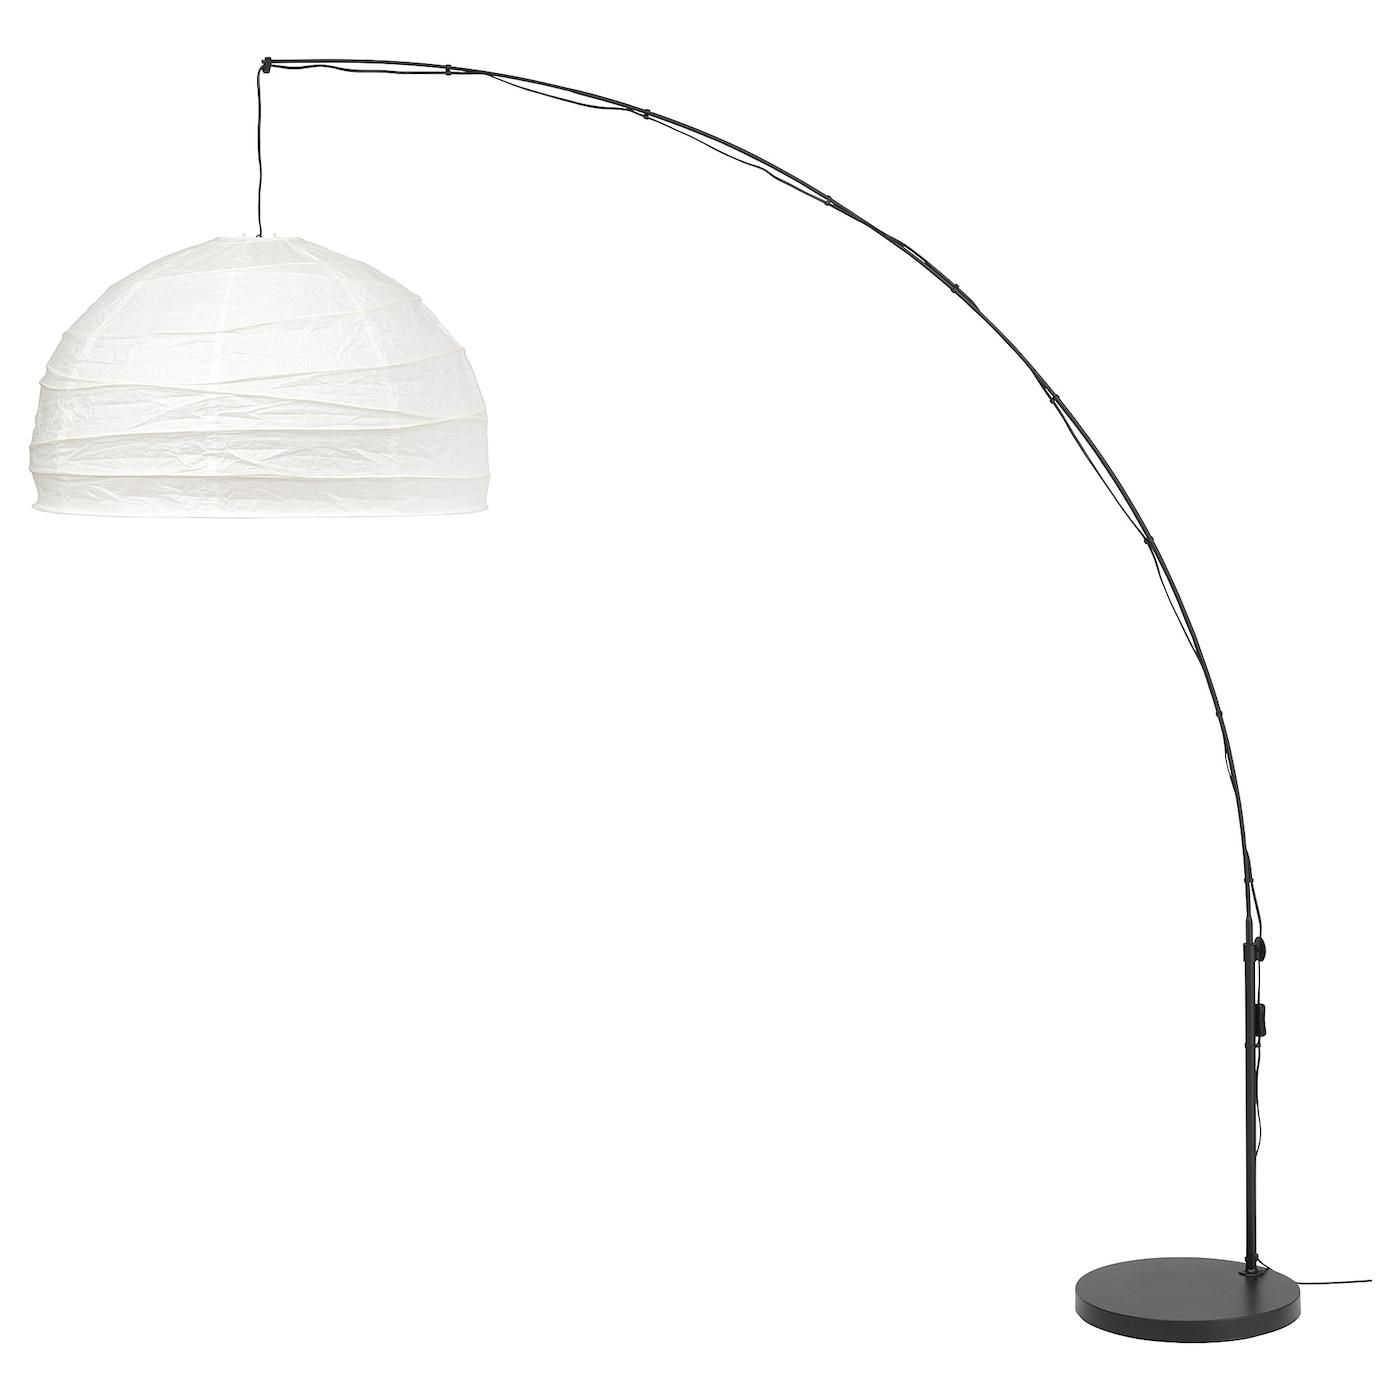 Regolit Standleuchte Bogenformig Weiss Schwarz Ikea Deutschland